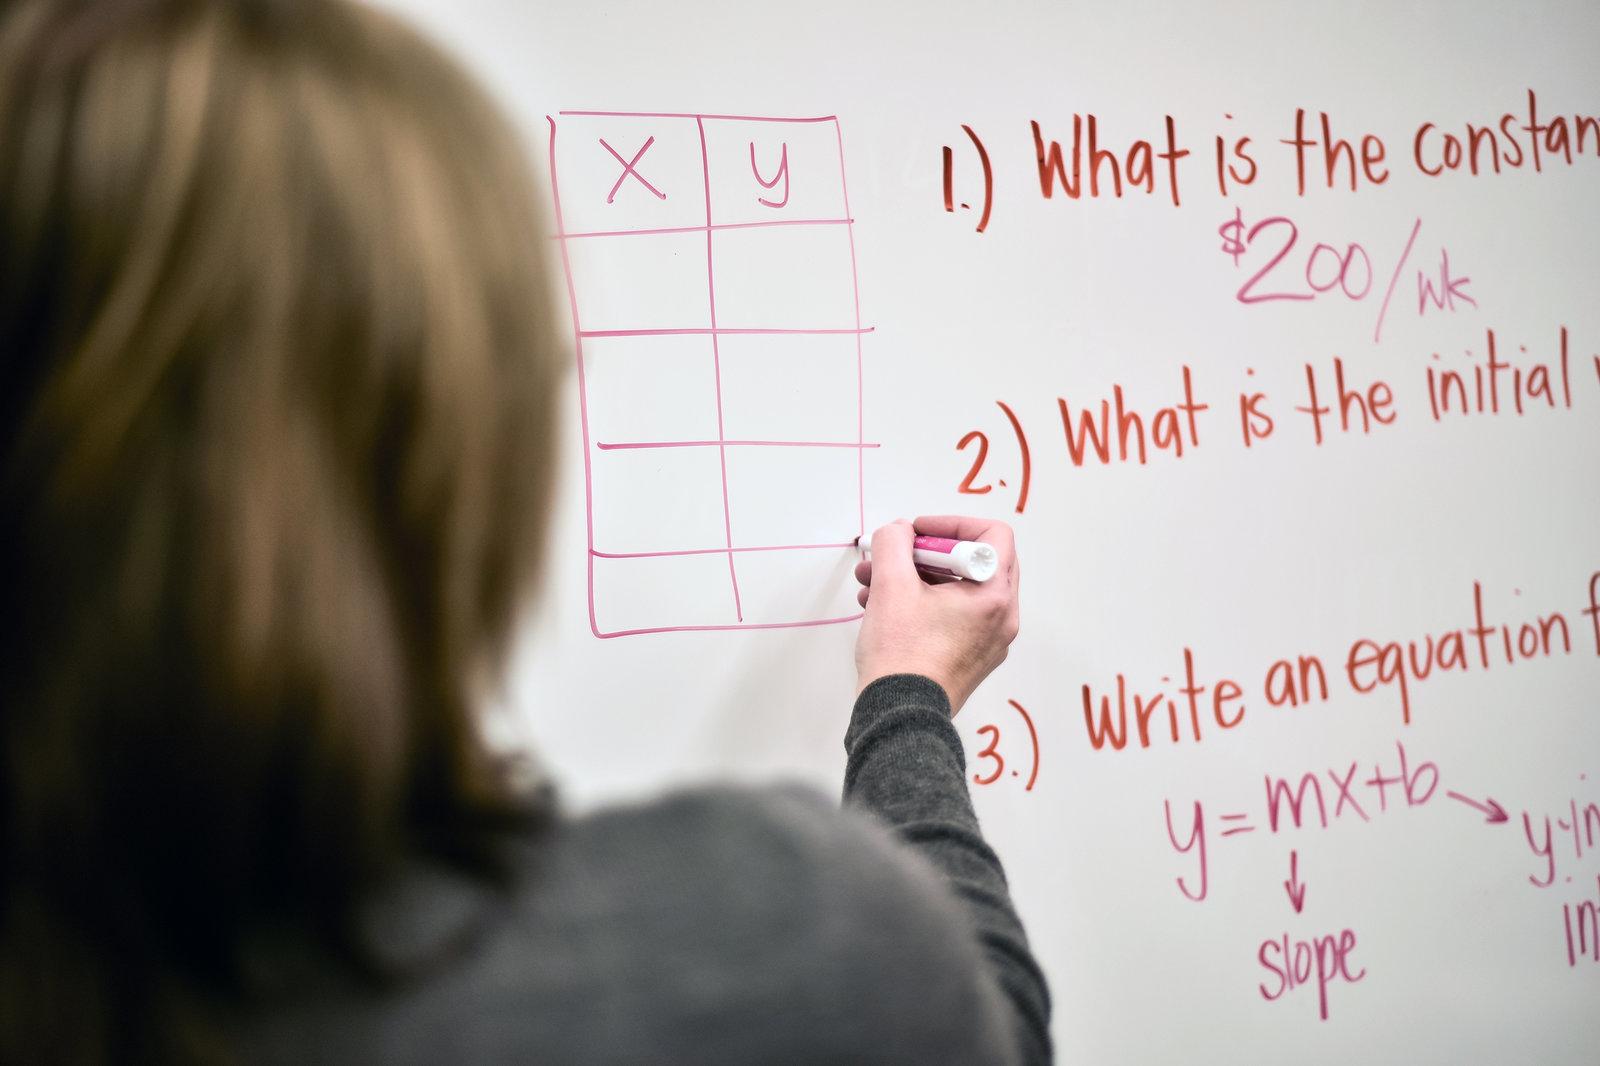 Özel Eğitim Öğretmenliği Hiç Kolay Değil, İLK EVİN - Özel Eğitim ve Rehabilitasyon Merkezi